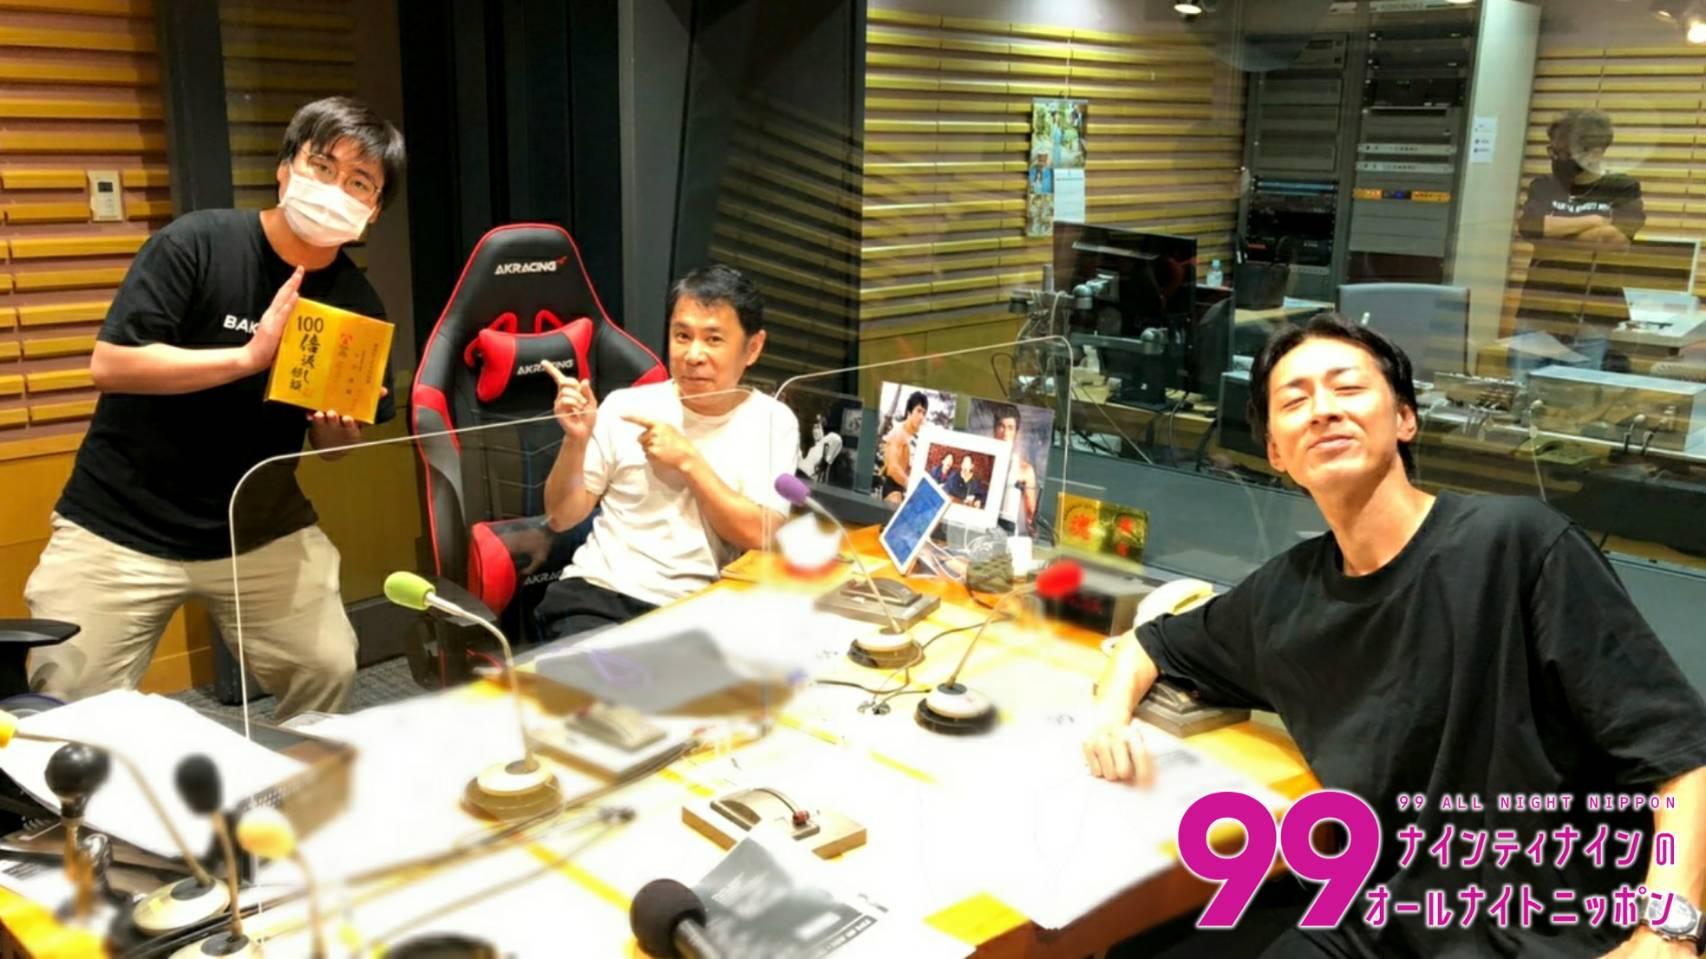 岡村 矢部 ラジオ